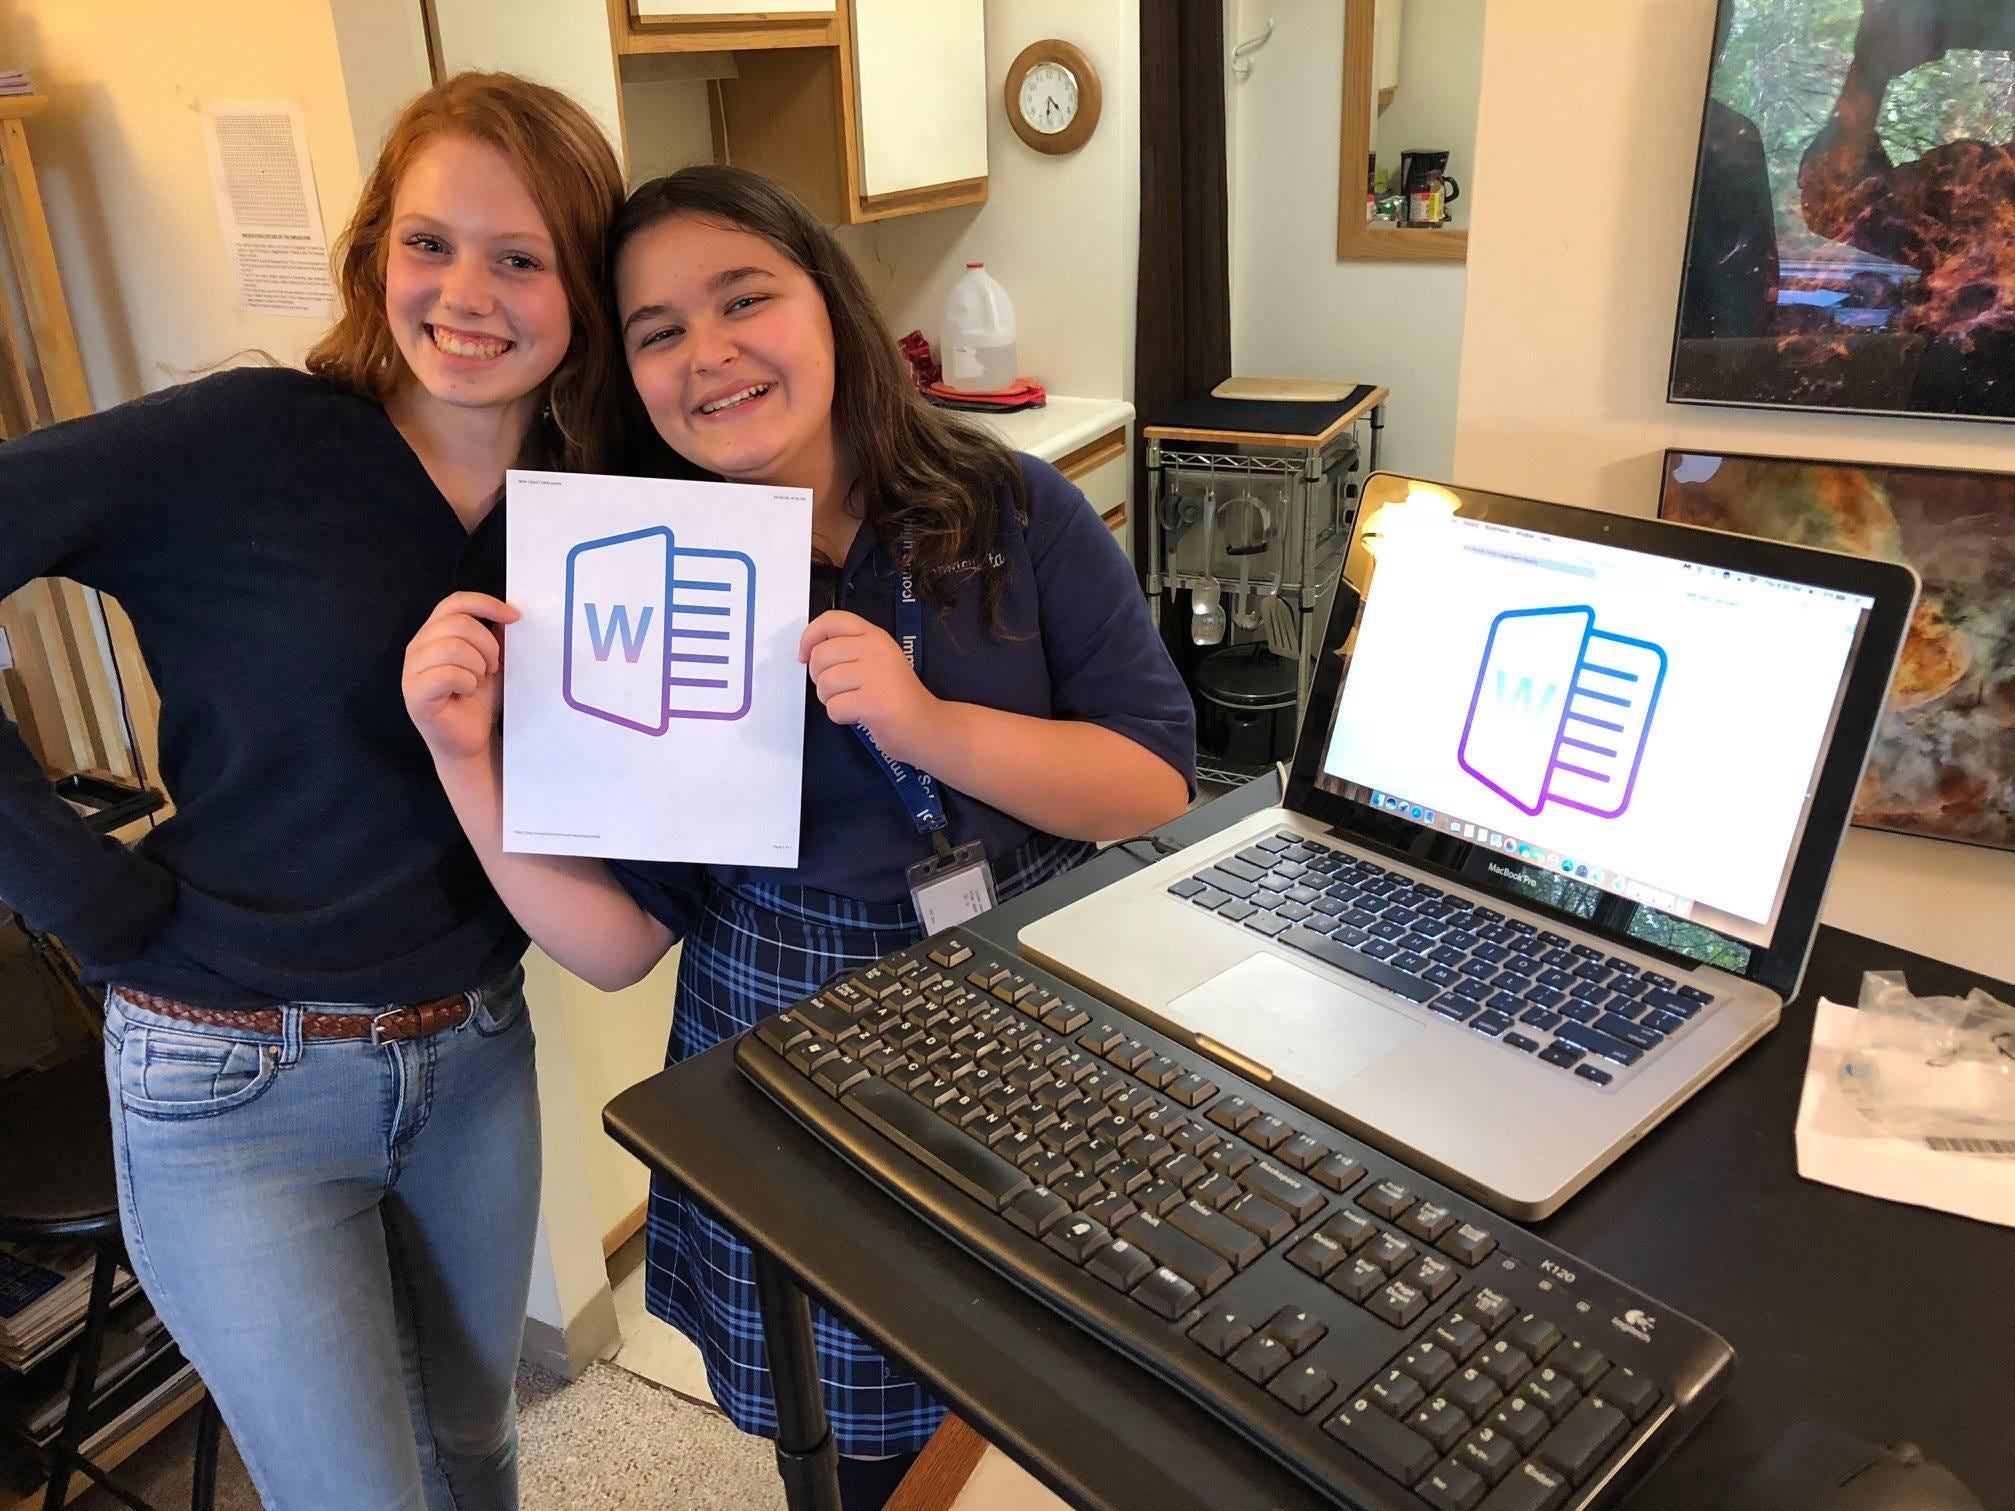 Isabelle LaRoche and Sydney Jaderlund work on computers.